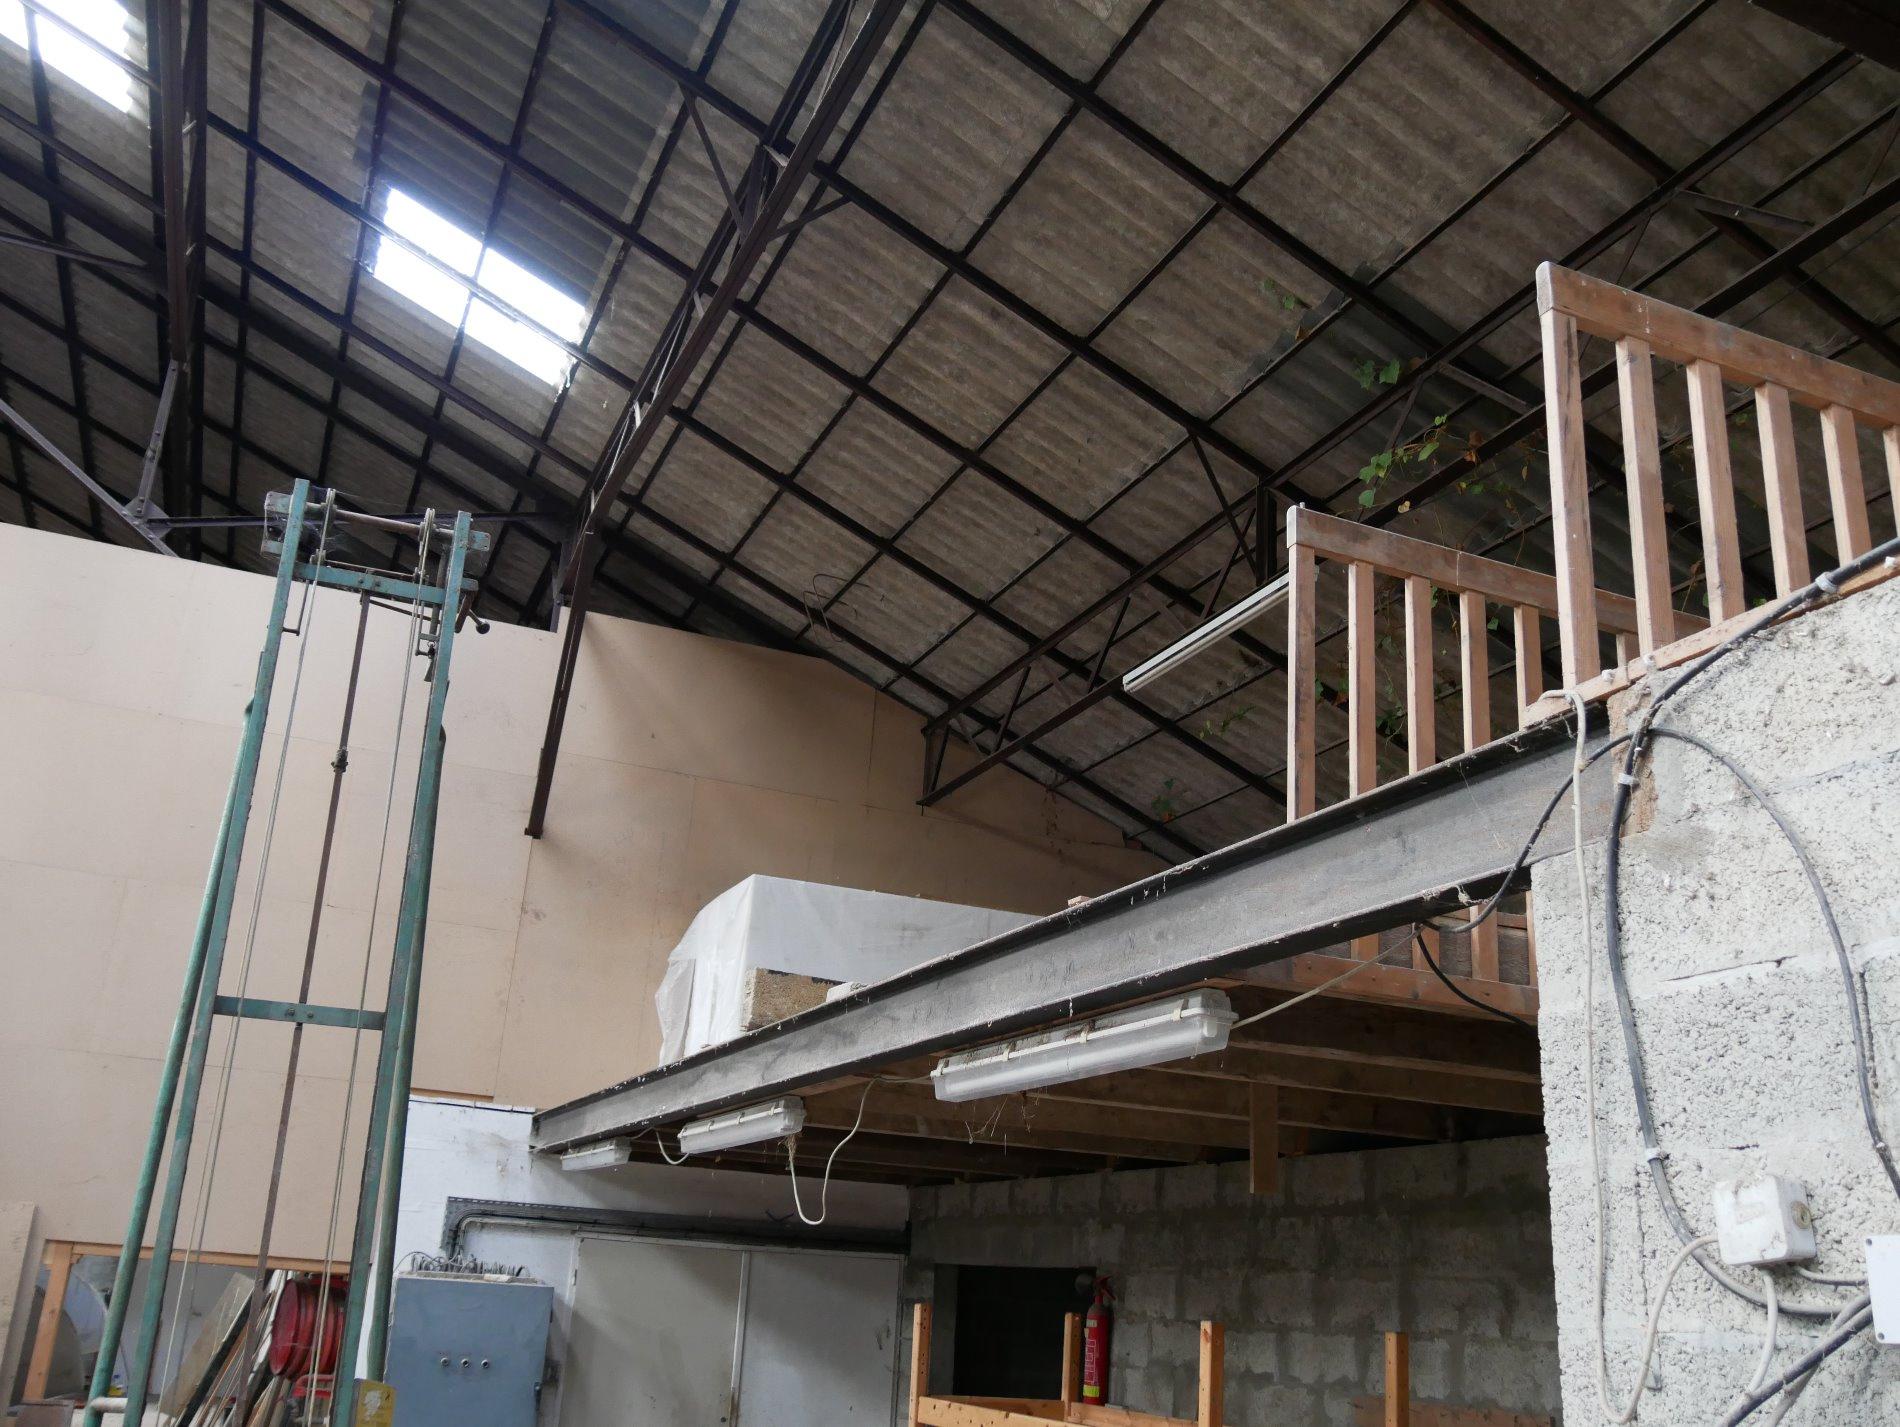 vente batiment industriel ou pour cr ation loft. Black Bedroom Furniture Sets. Home Design Ideas